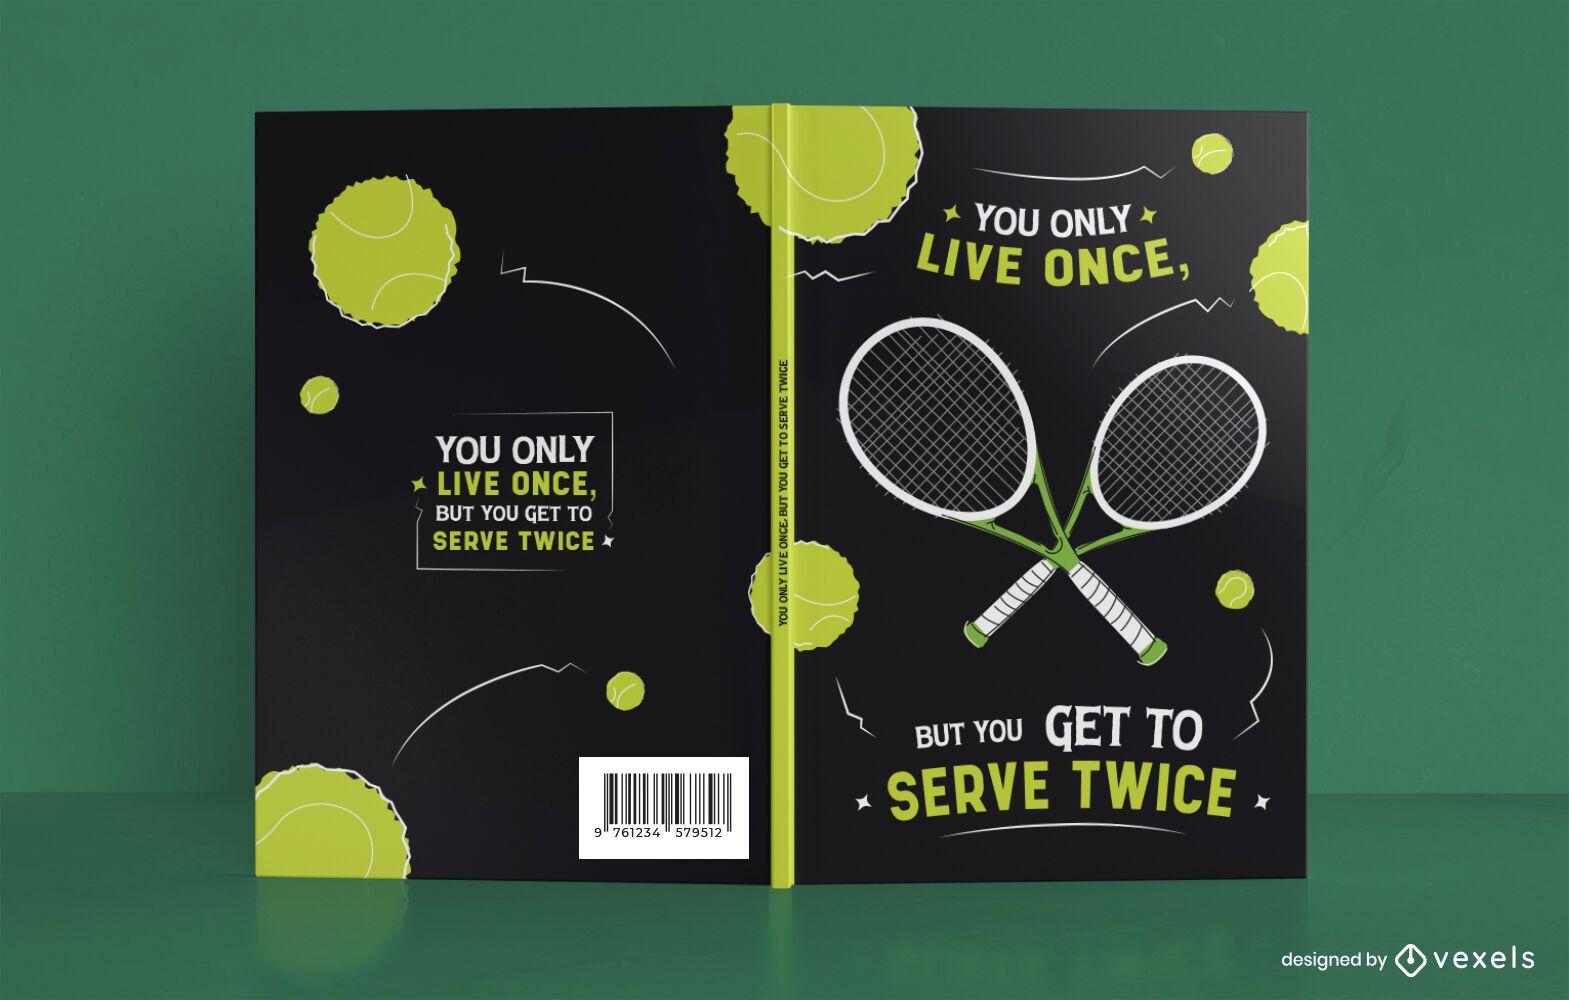 Dise?o de portada de libro de citas de tenis